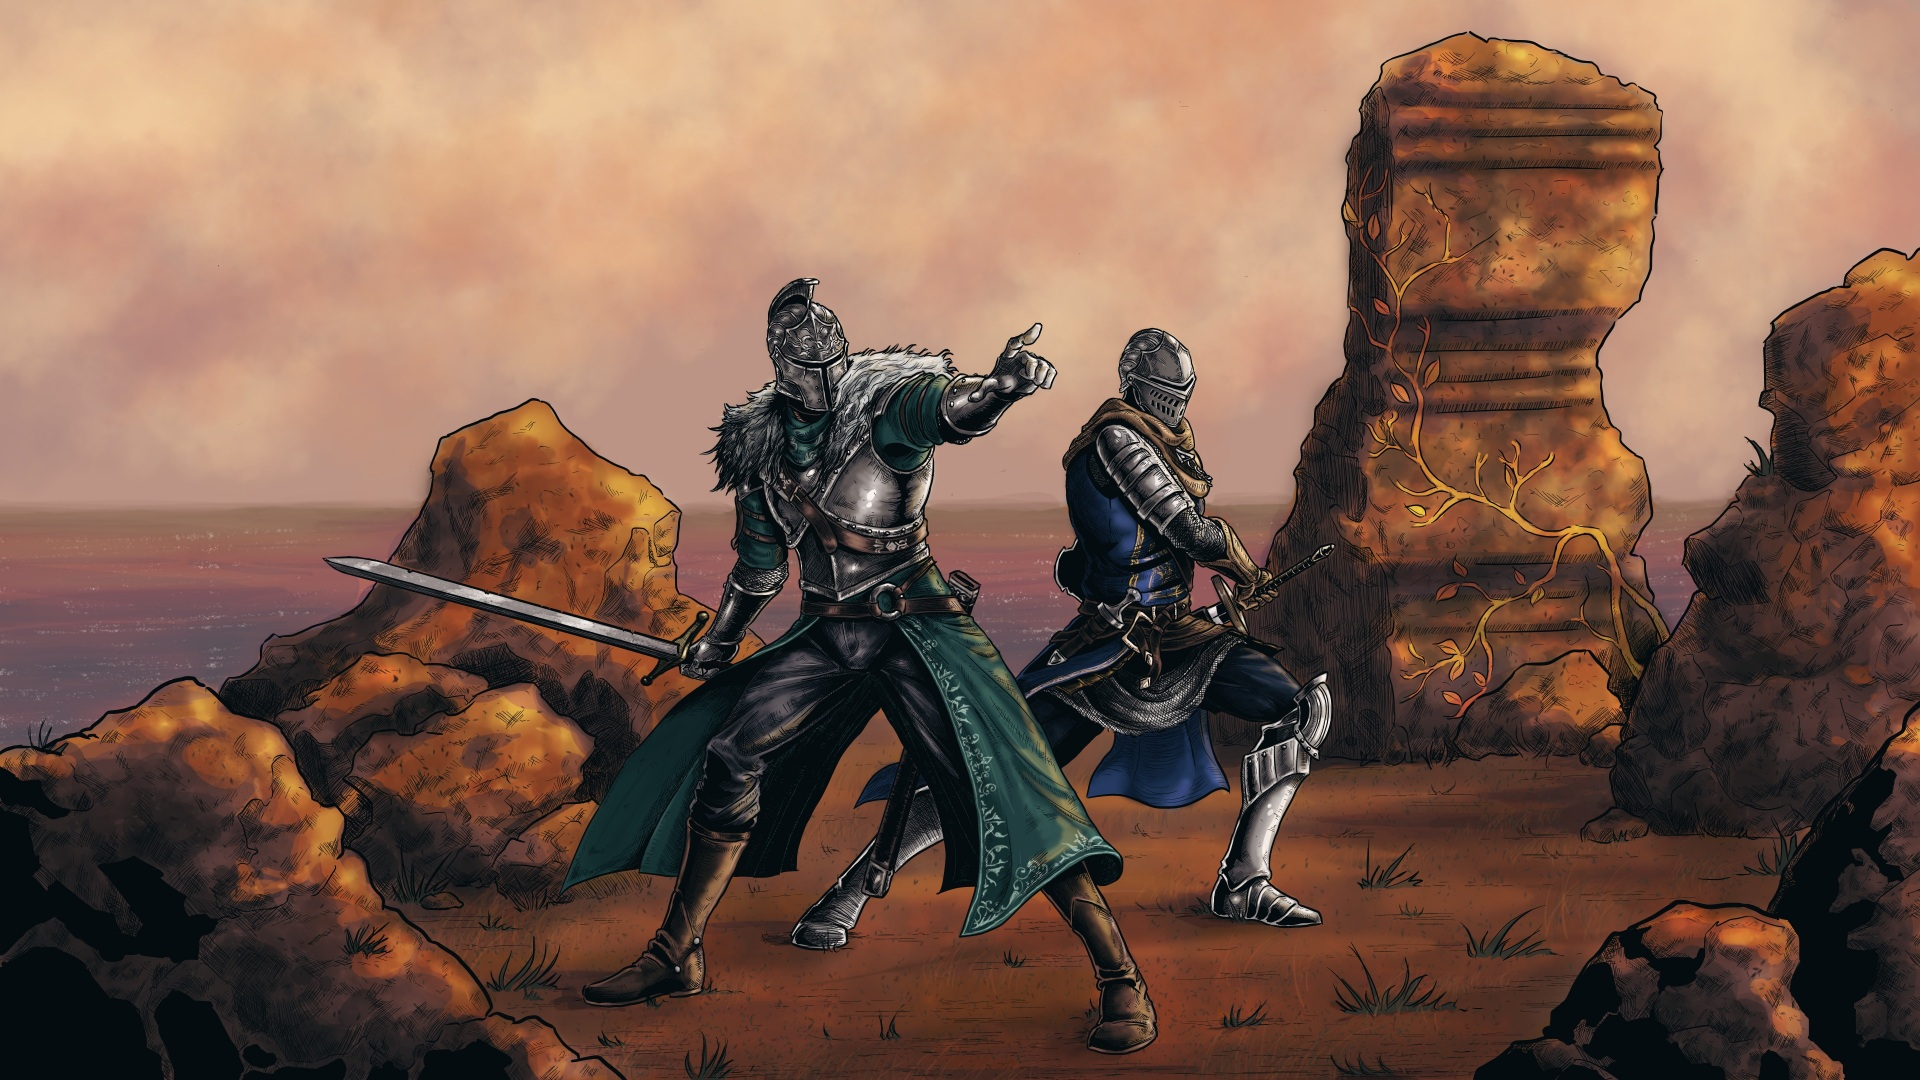 Desktop Wallpapers Fantasy Dark Souls Swords Knight 1920x1080